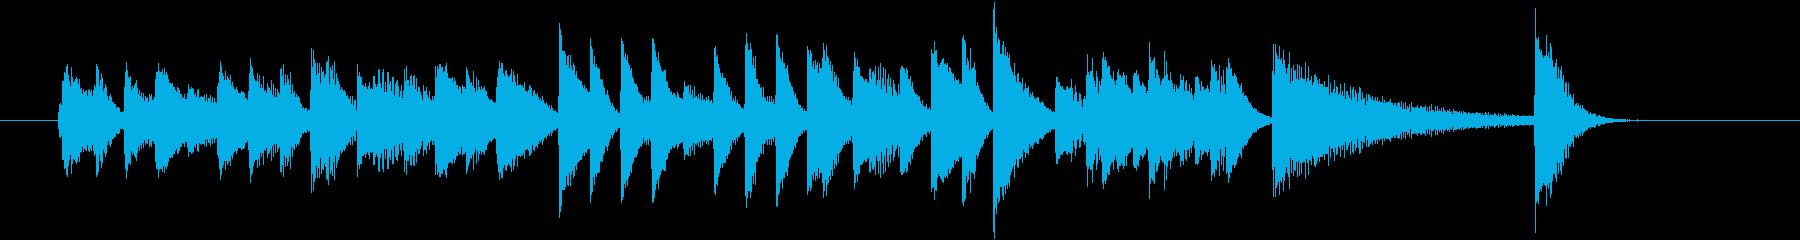 ベース跳ねるファストジャズピアノジングルの再生済みの波形